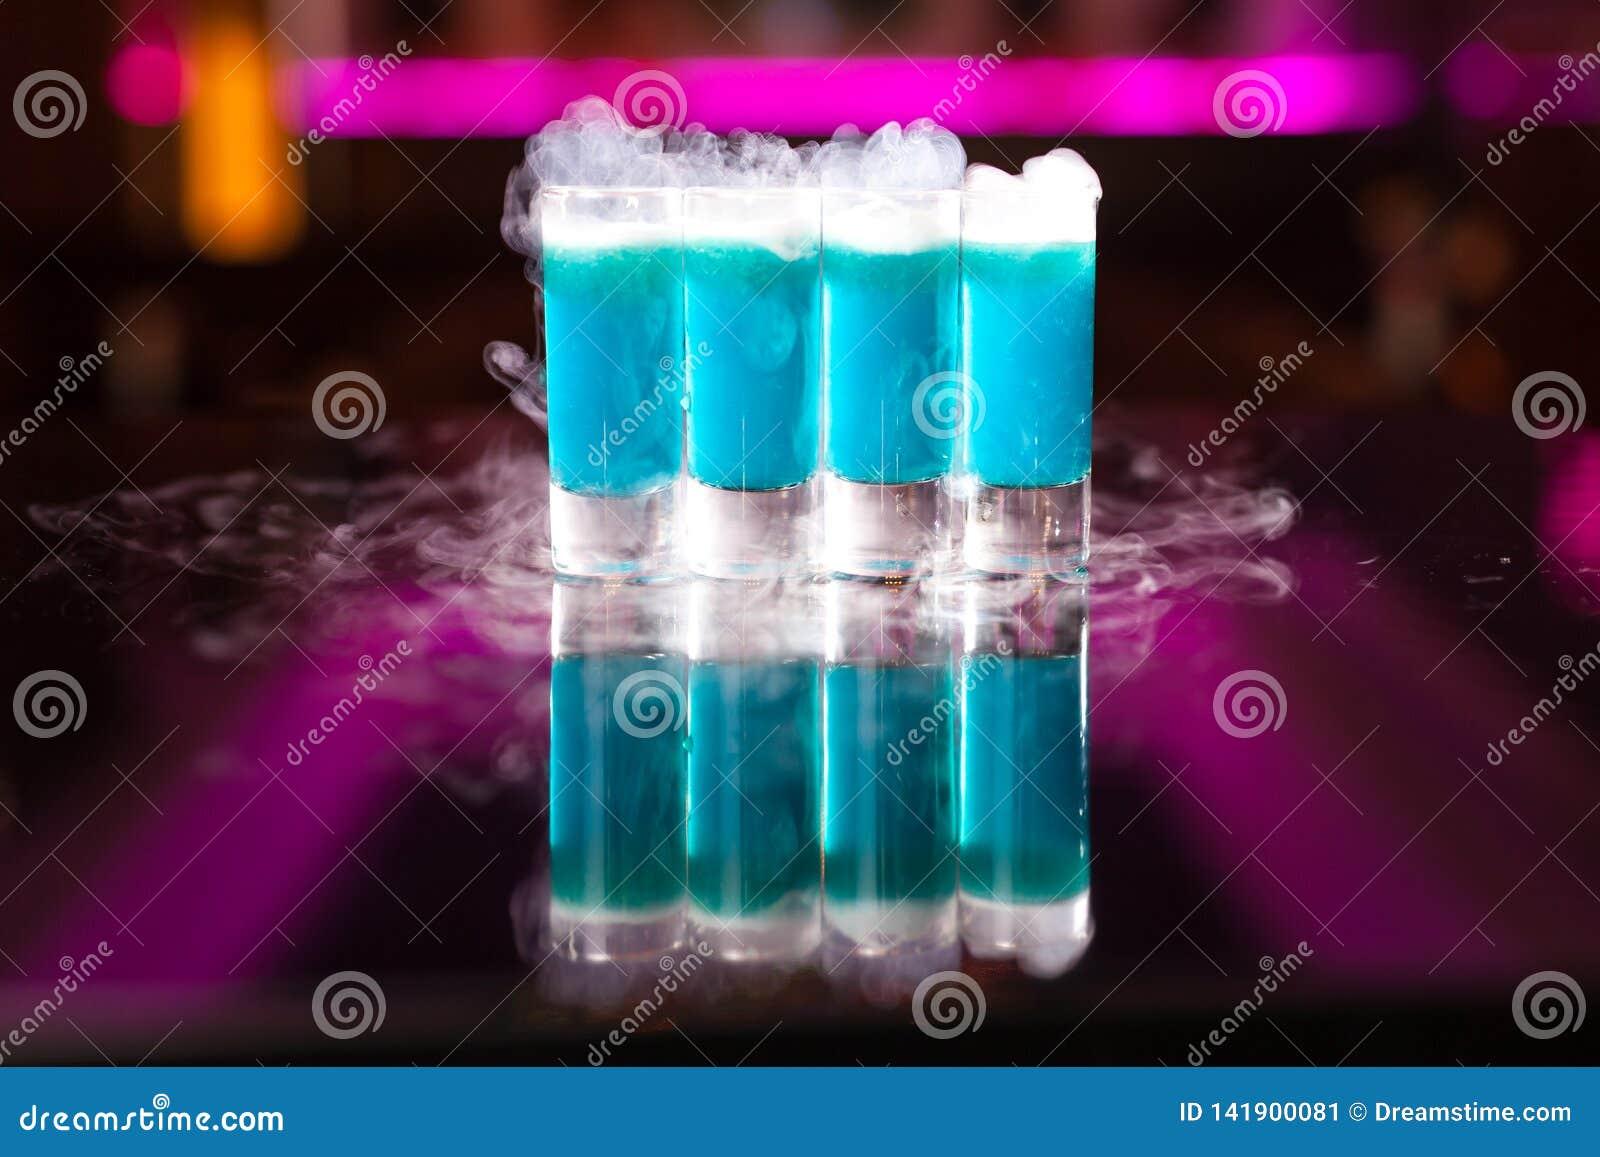 Cuatro tiros azules claros del cóctel con humo en la tabla reflexiva del espejo